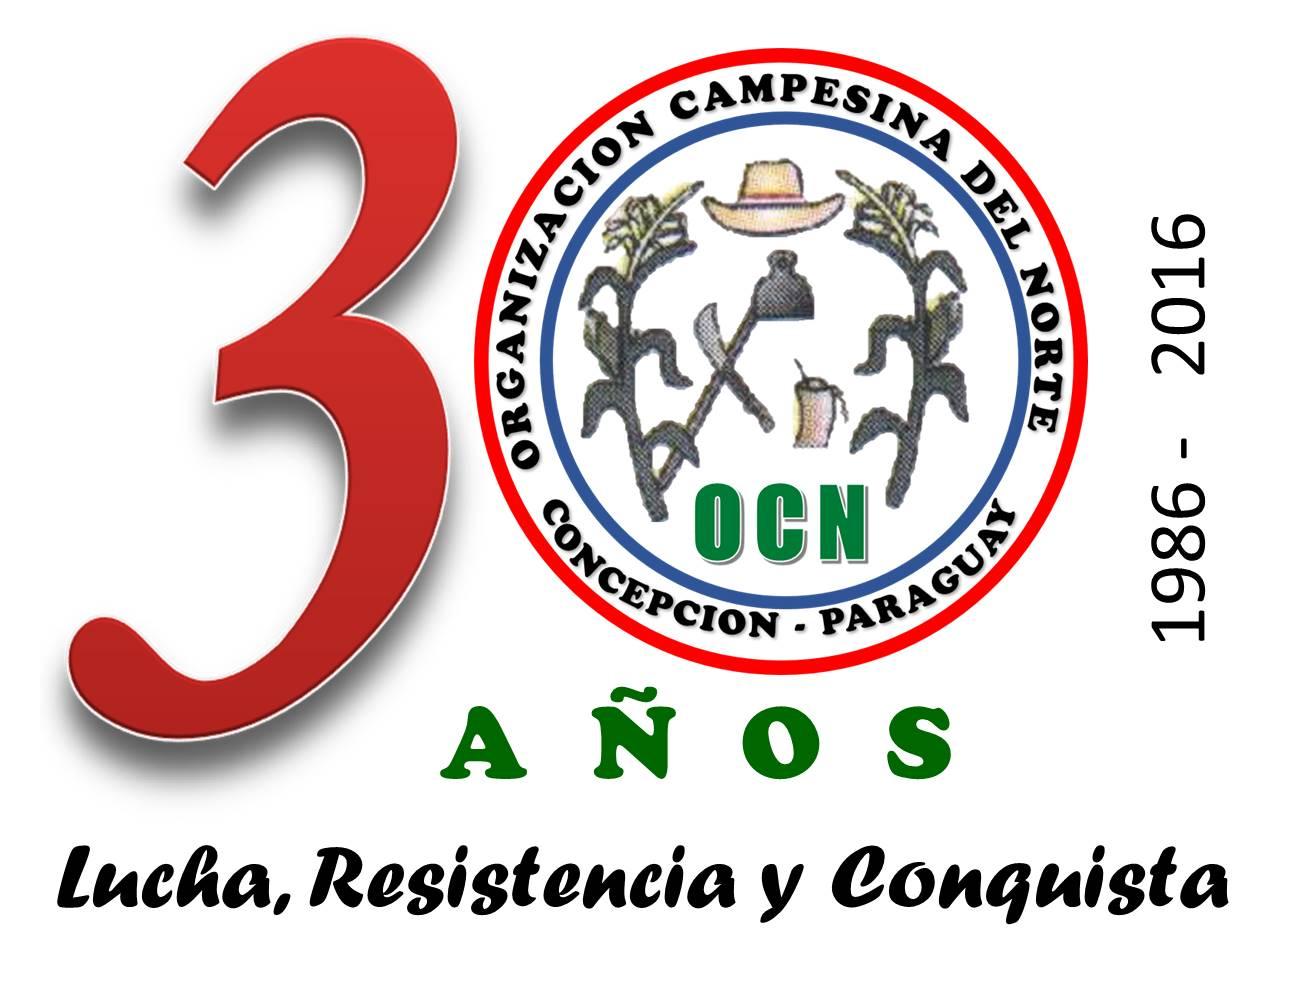 La Organizacion Campesina del Norte OCN